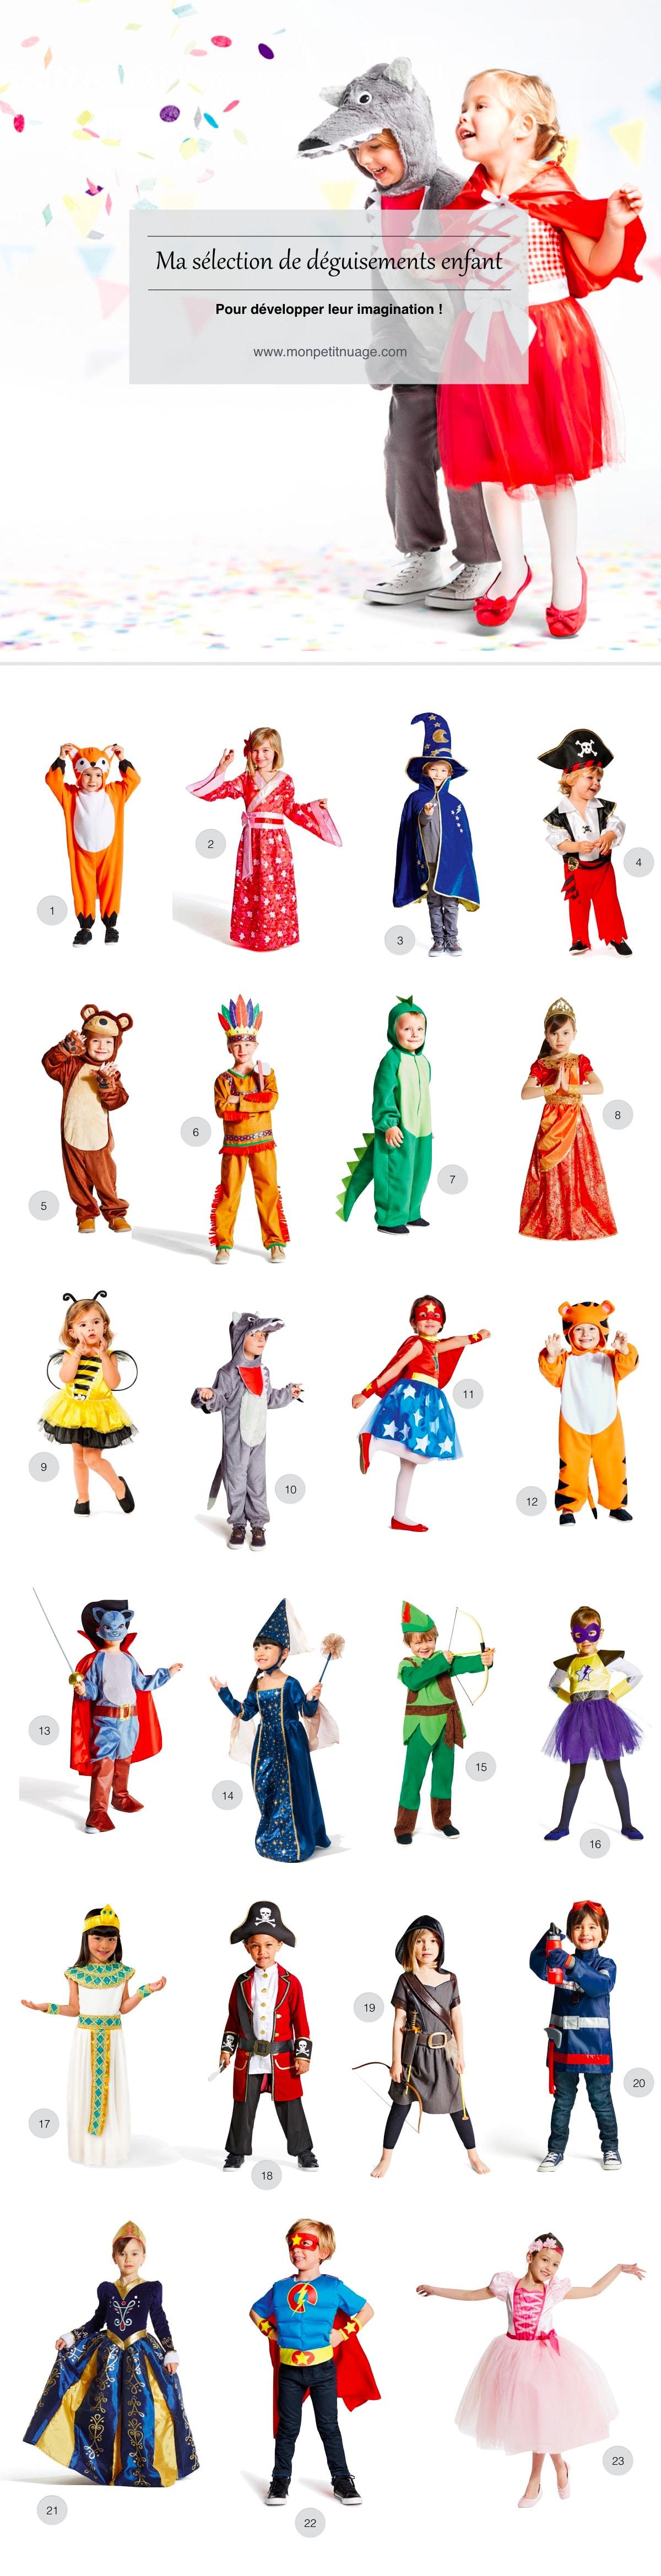 Déguisement enfant Carnaval - Déguisement mixte, fille et garçon